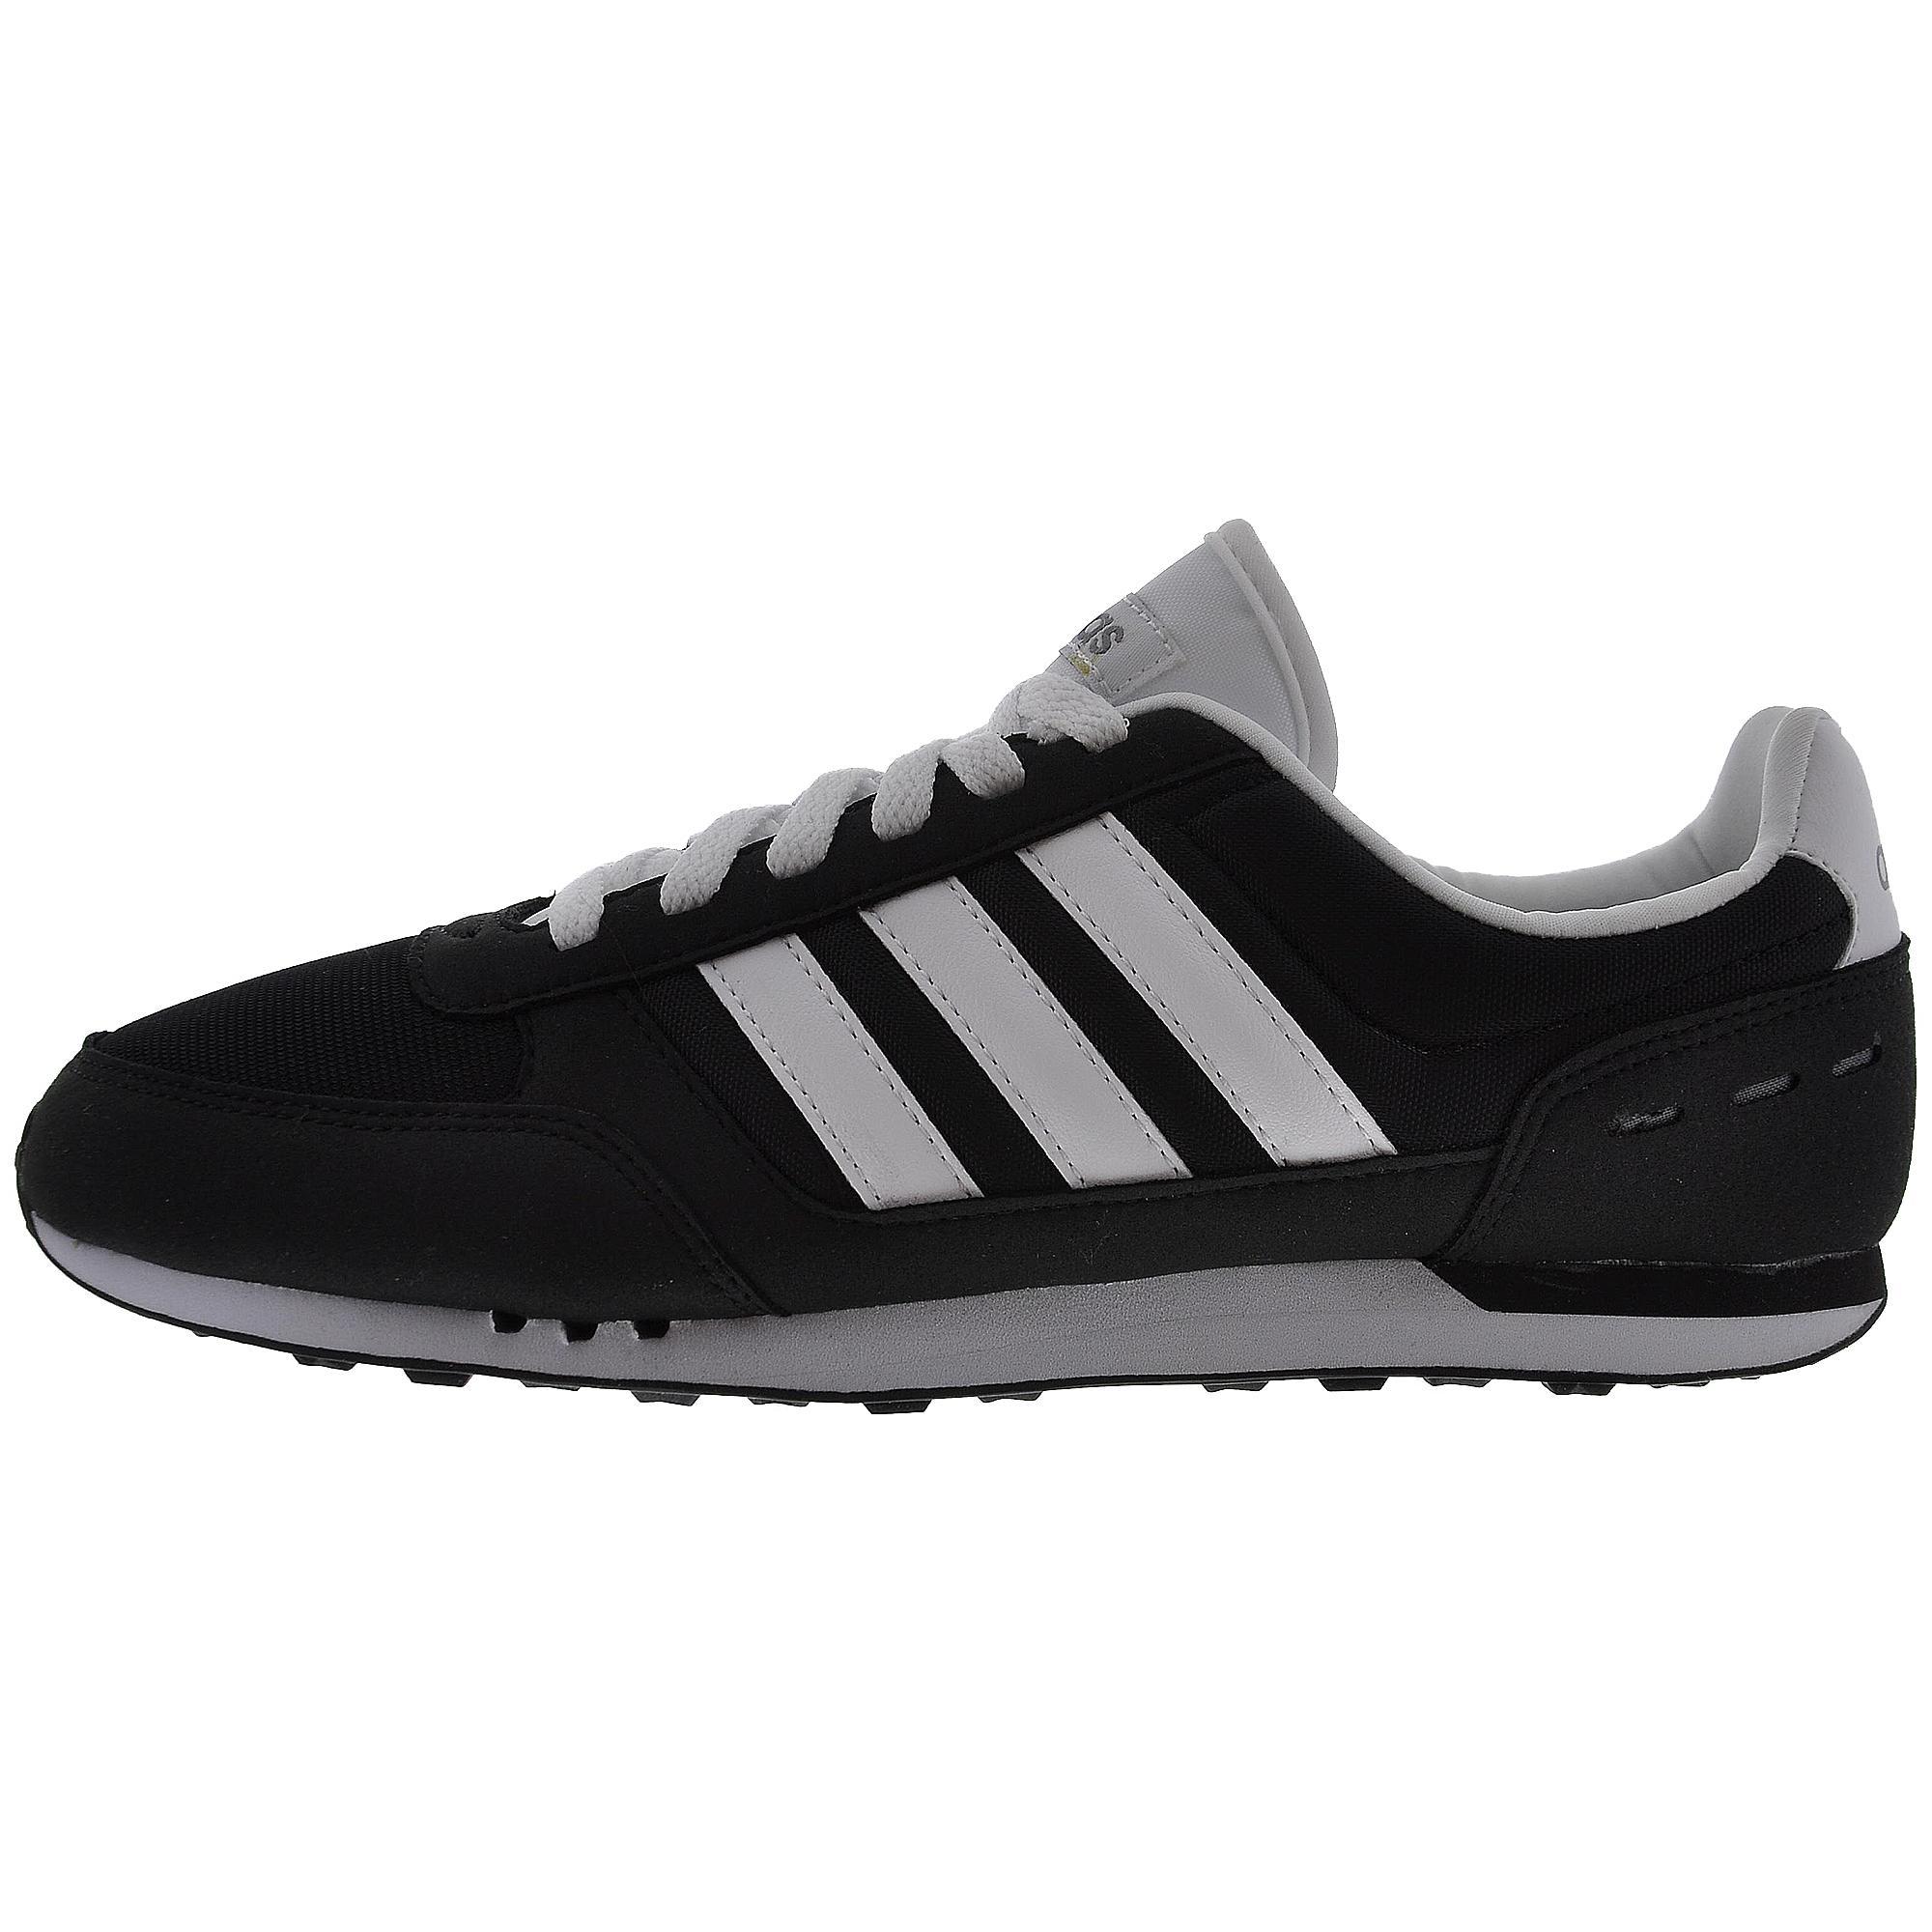 adidas Neo City Racer Erkek Gri Günlük Ayakkabı